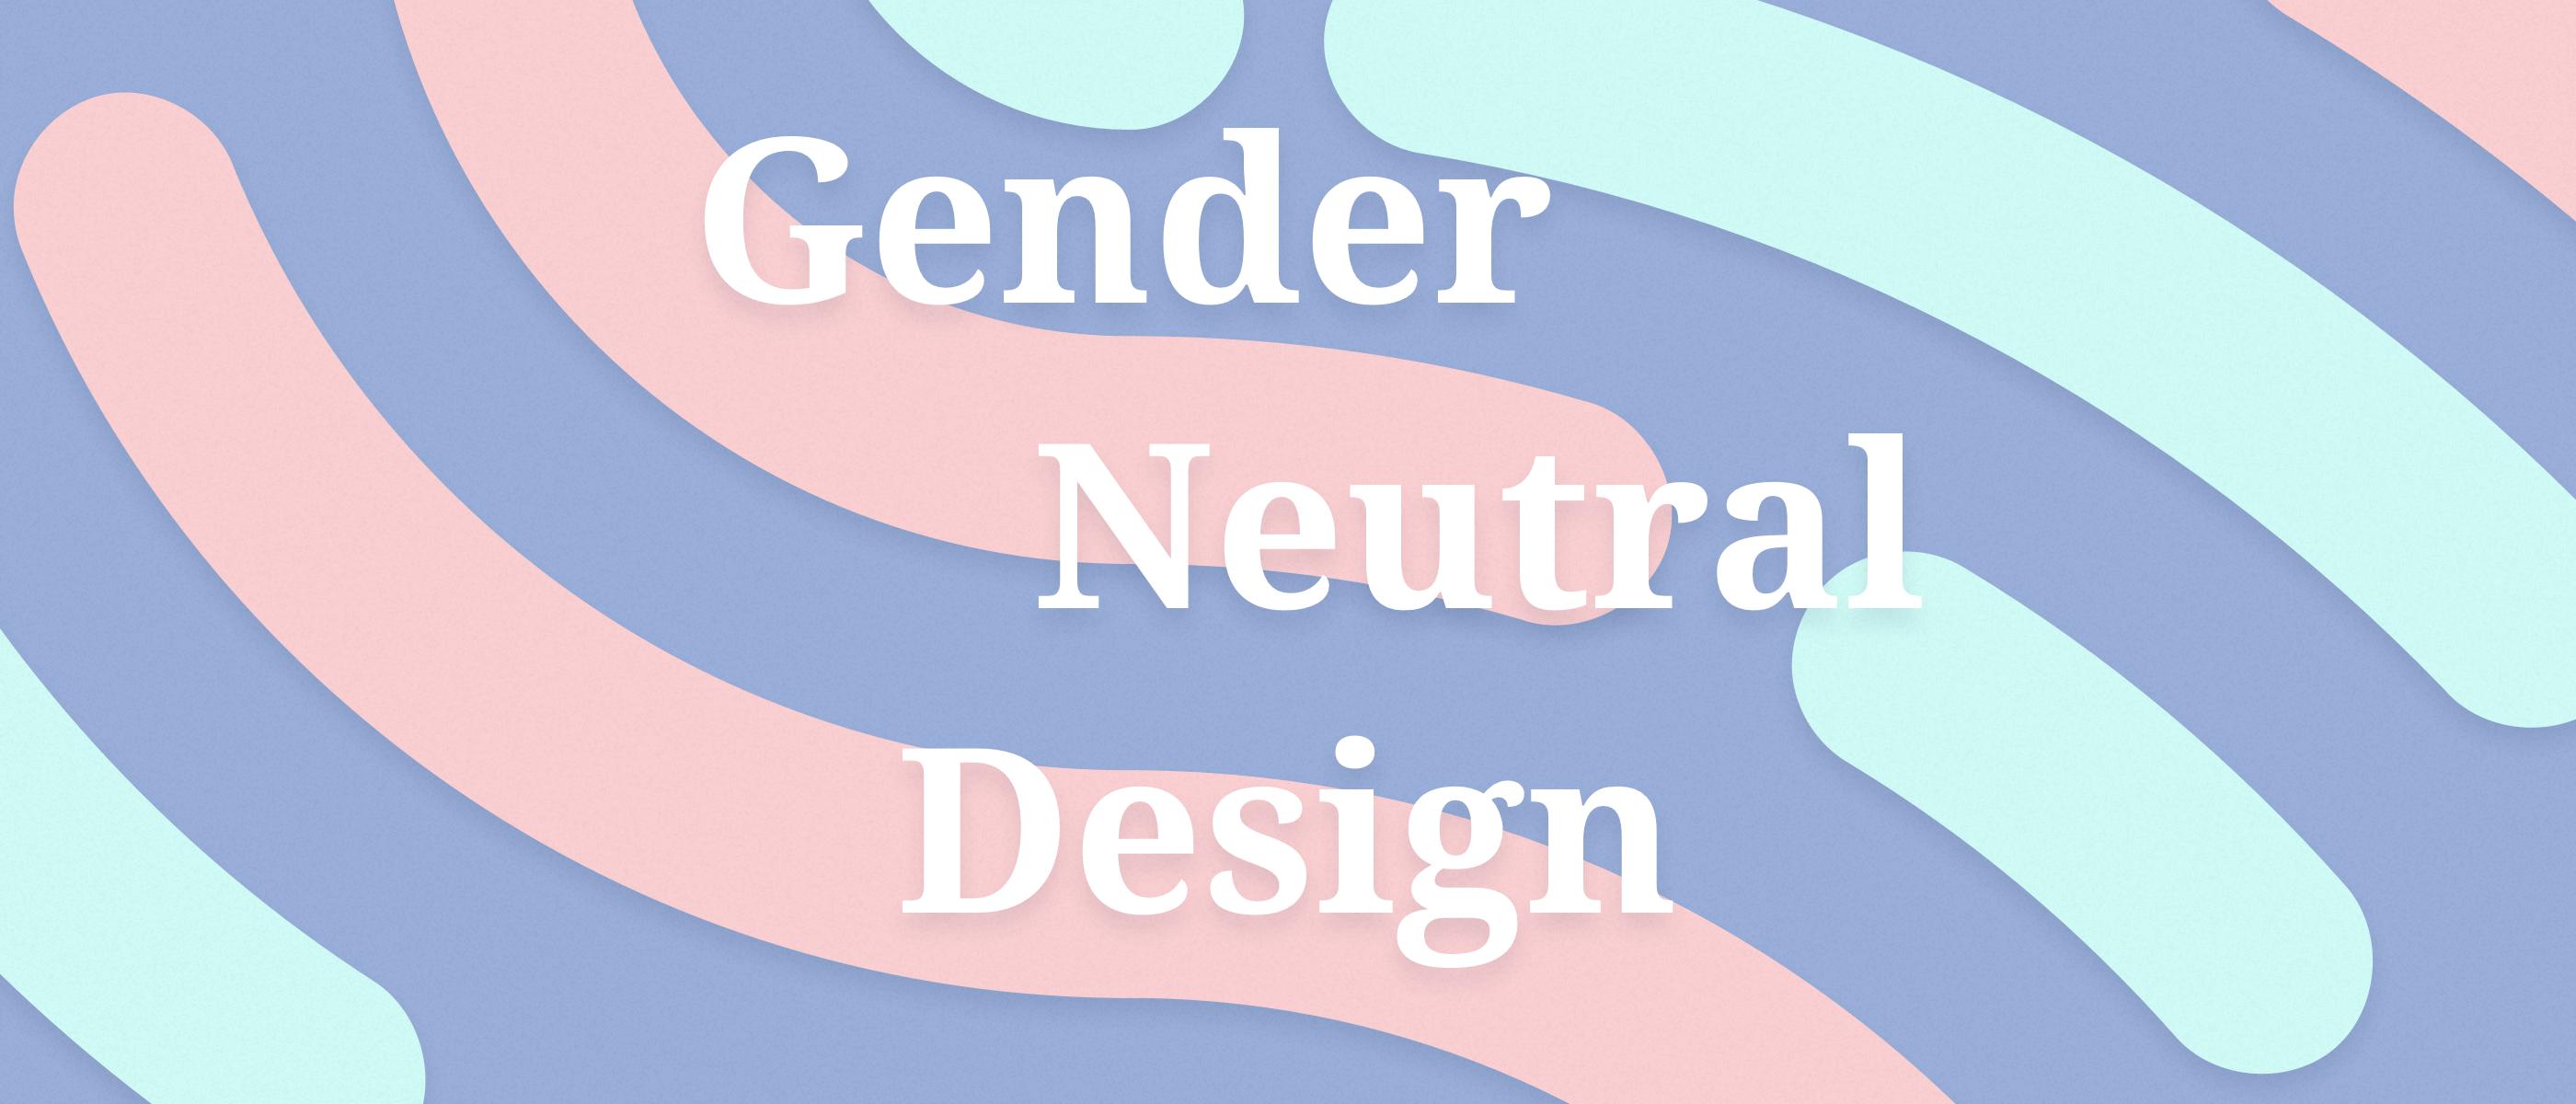 Does gender matter inDesign?